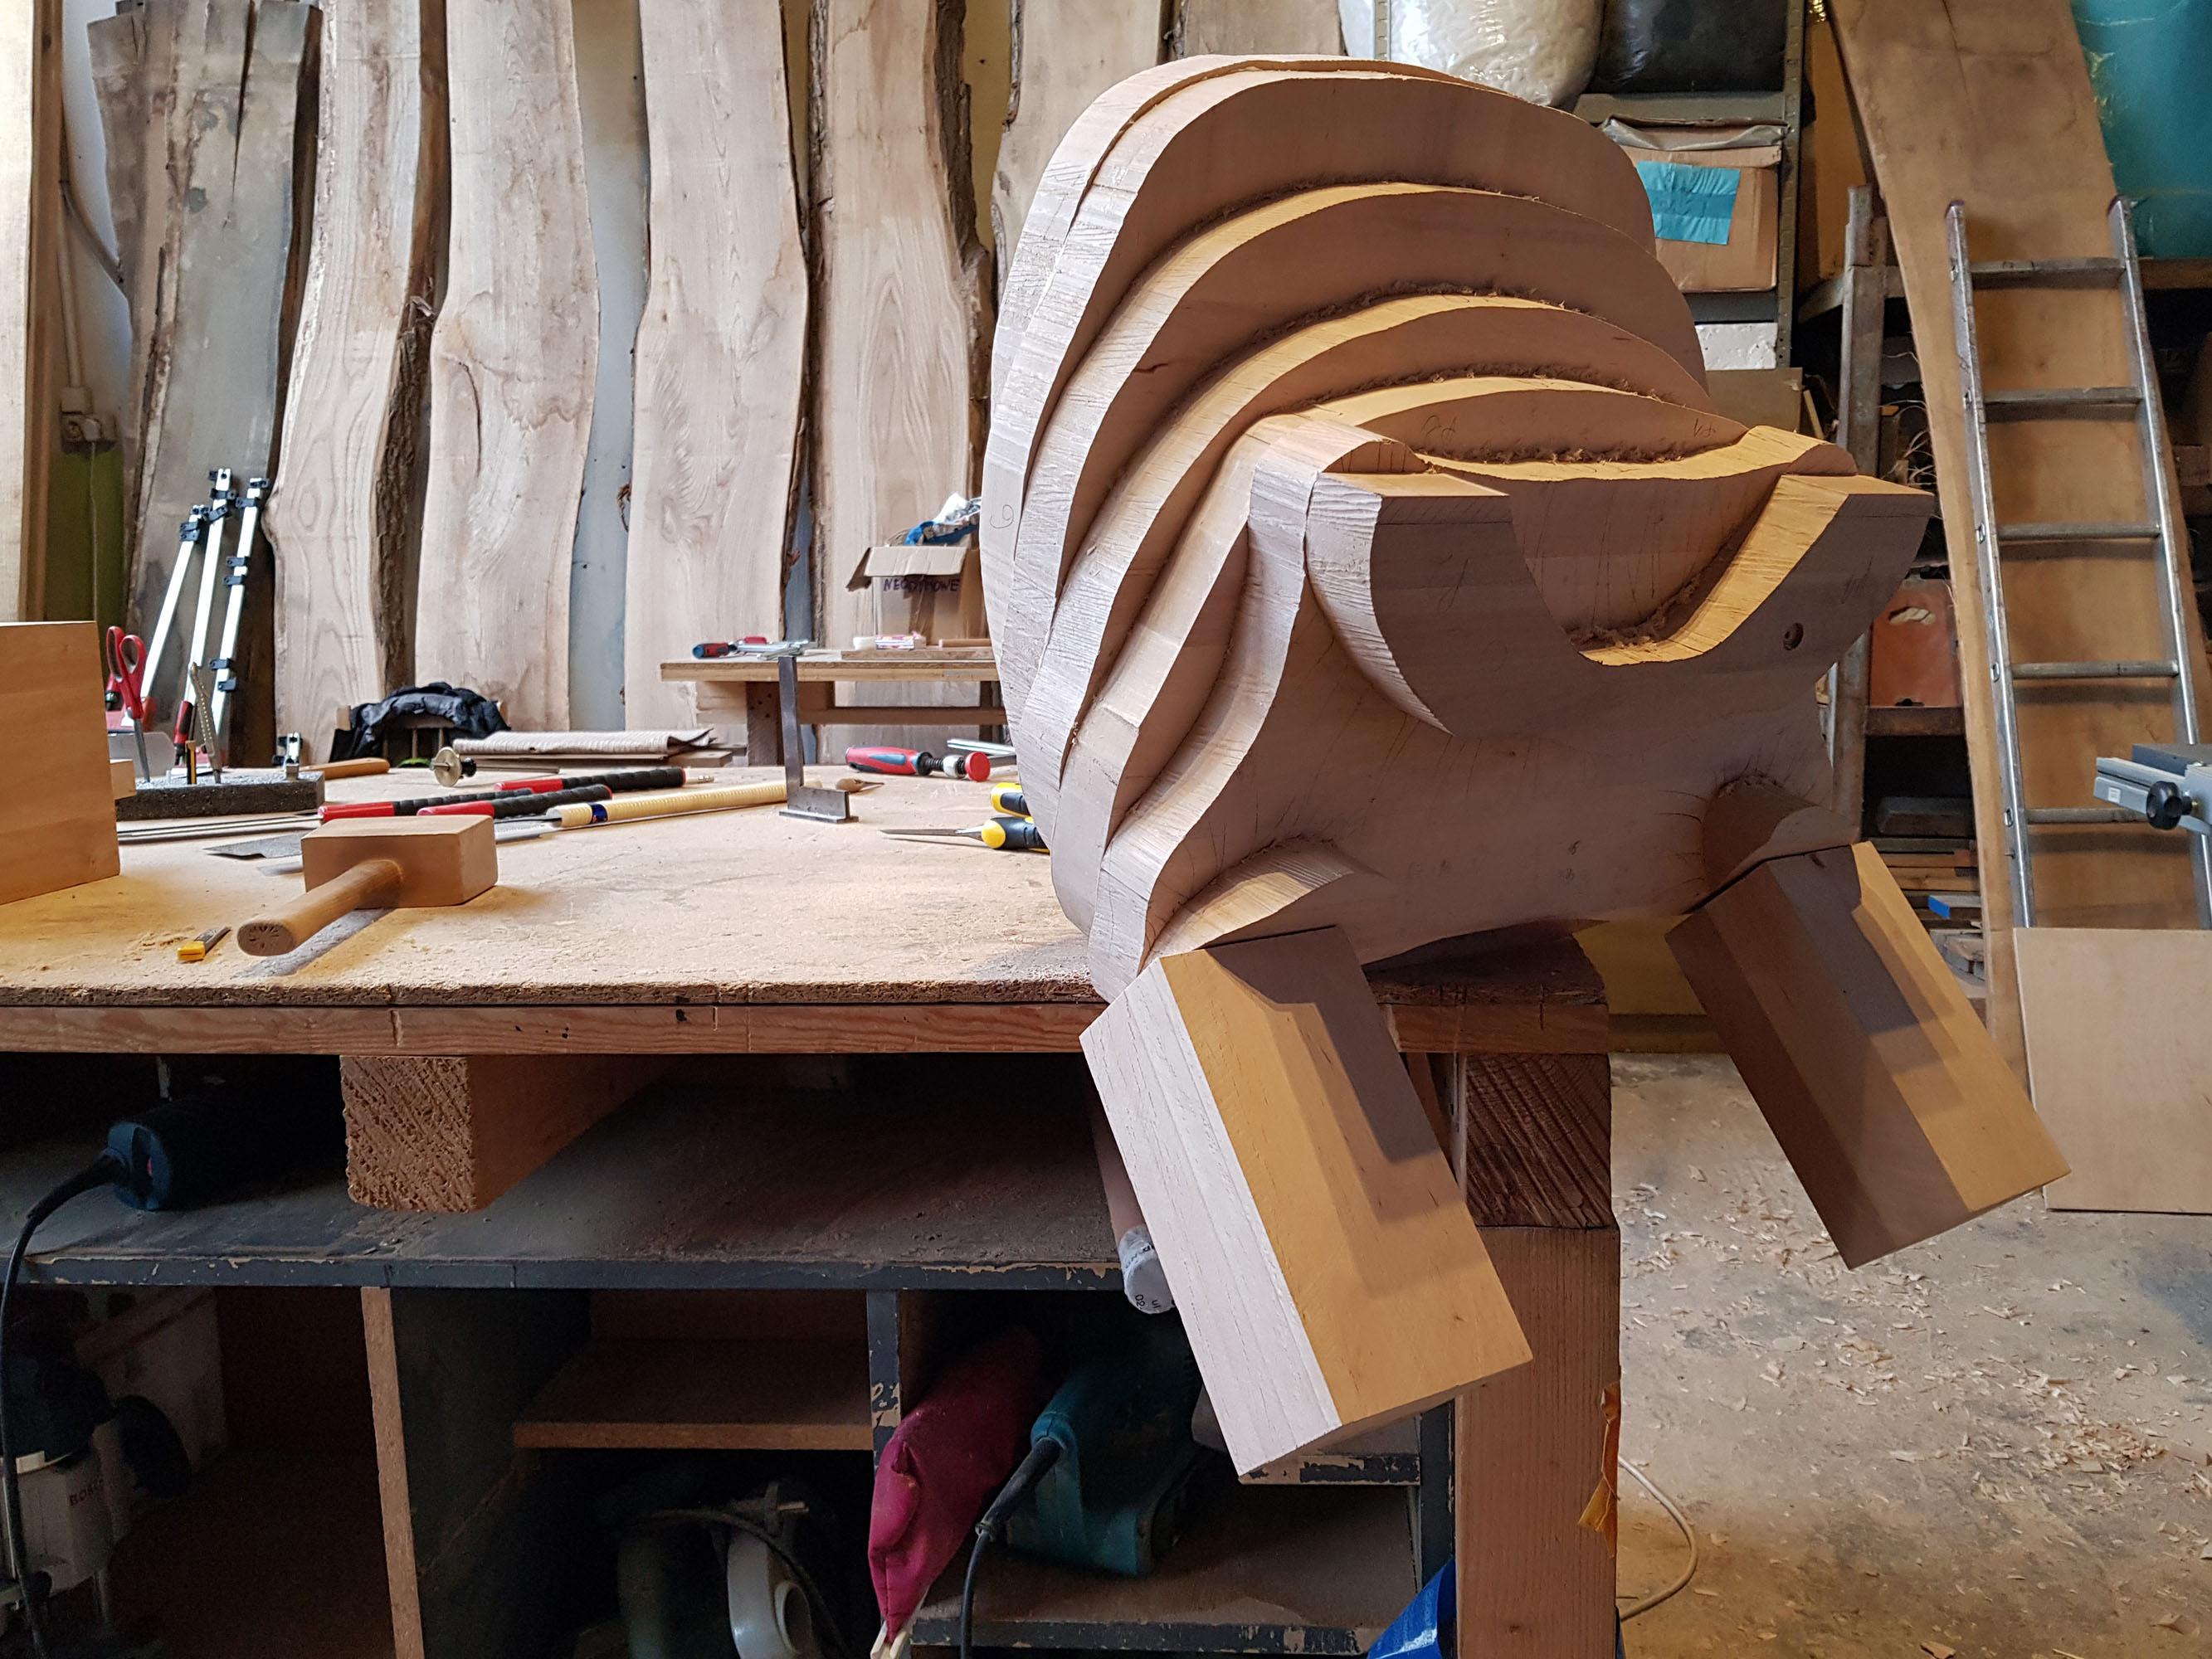 krzesło_w pracowni_3